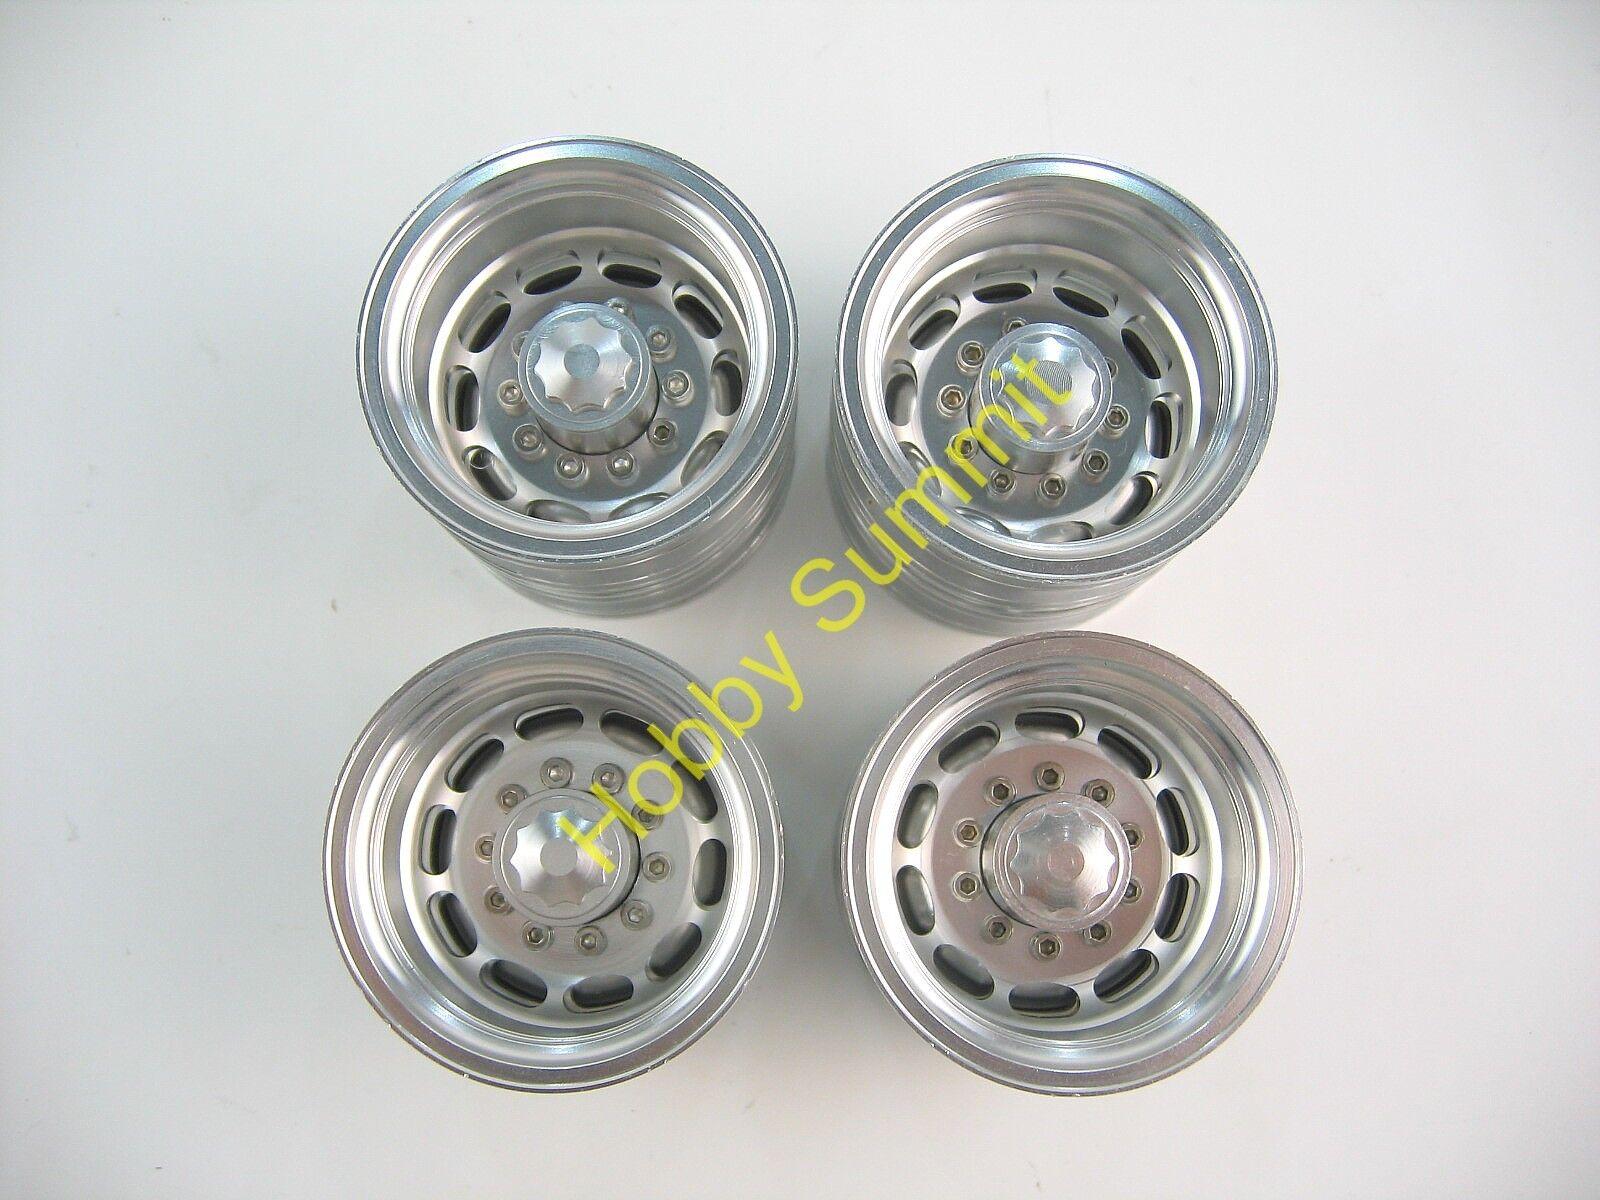 Conjunto C 1 14 semi-remolque ruedas de aleación Tamiya R C Camión Tractor 56302 56306 56310